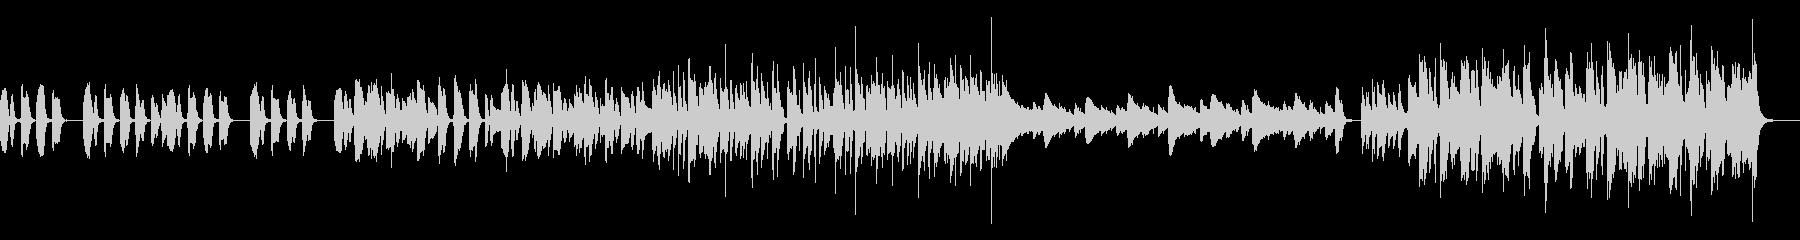 汎用性のある日常系のBGMの未再生の波形